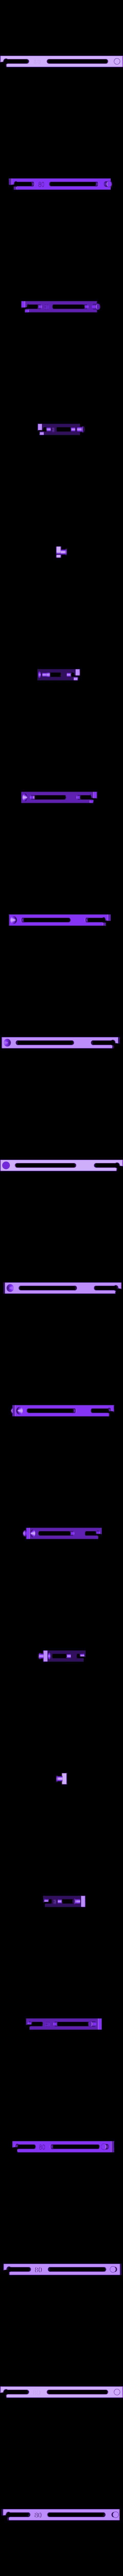 snapStick_80mm.stl Download free STL file Snap Stick, Bar, Interlocking, Math • 3D print model, LGBU